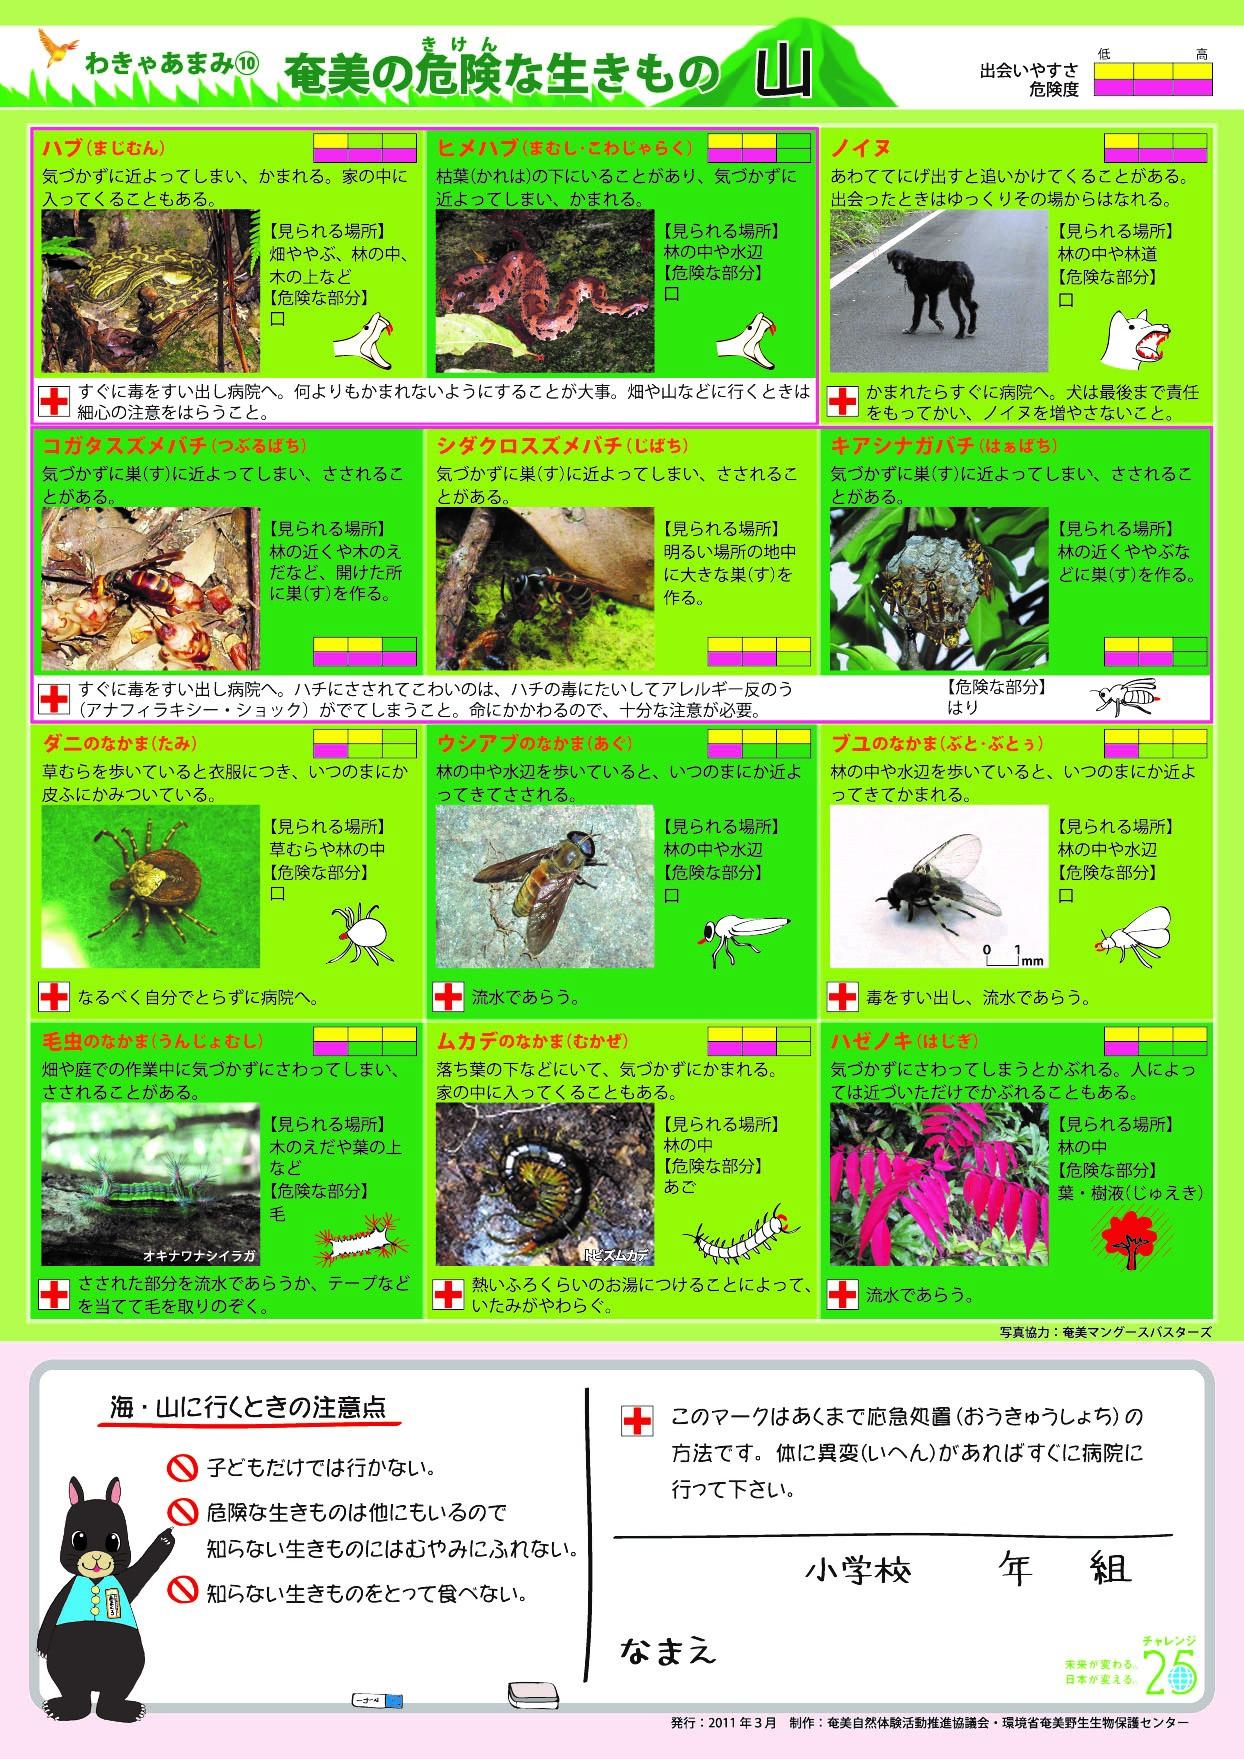 奄美の山の危険生物